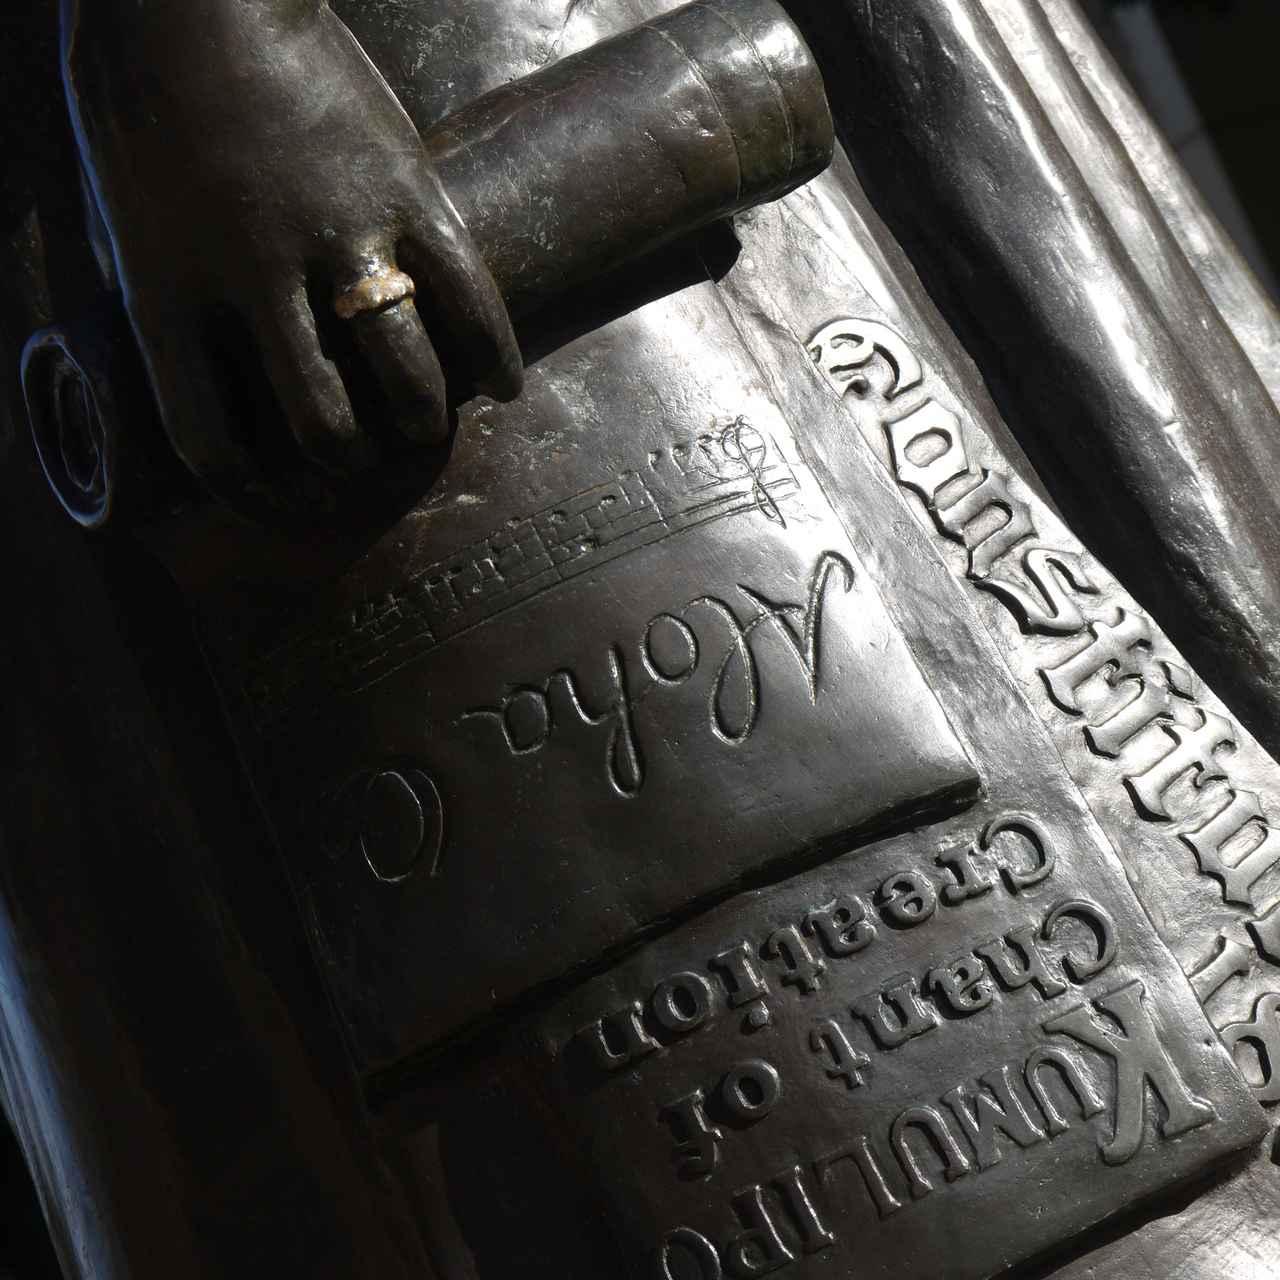 画像: 像が手にしているのは「アロハ・オエ」の楽譜、「クムリポ」の原稿、「新憲法の草案」です